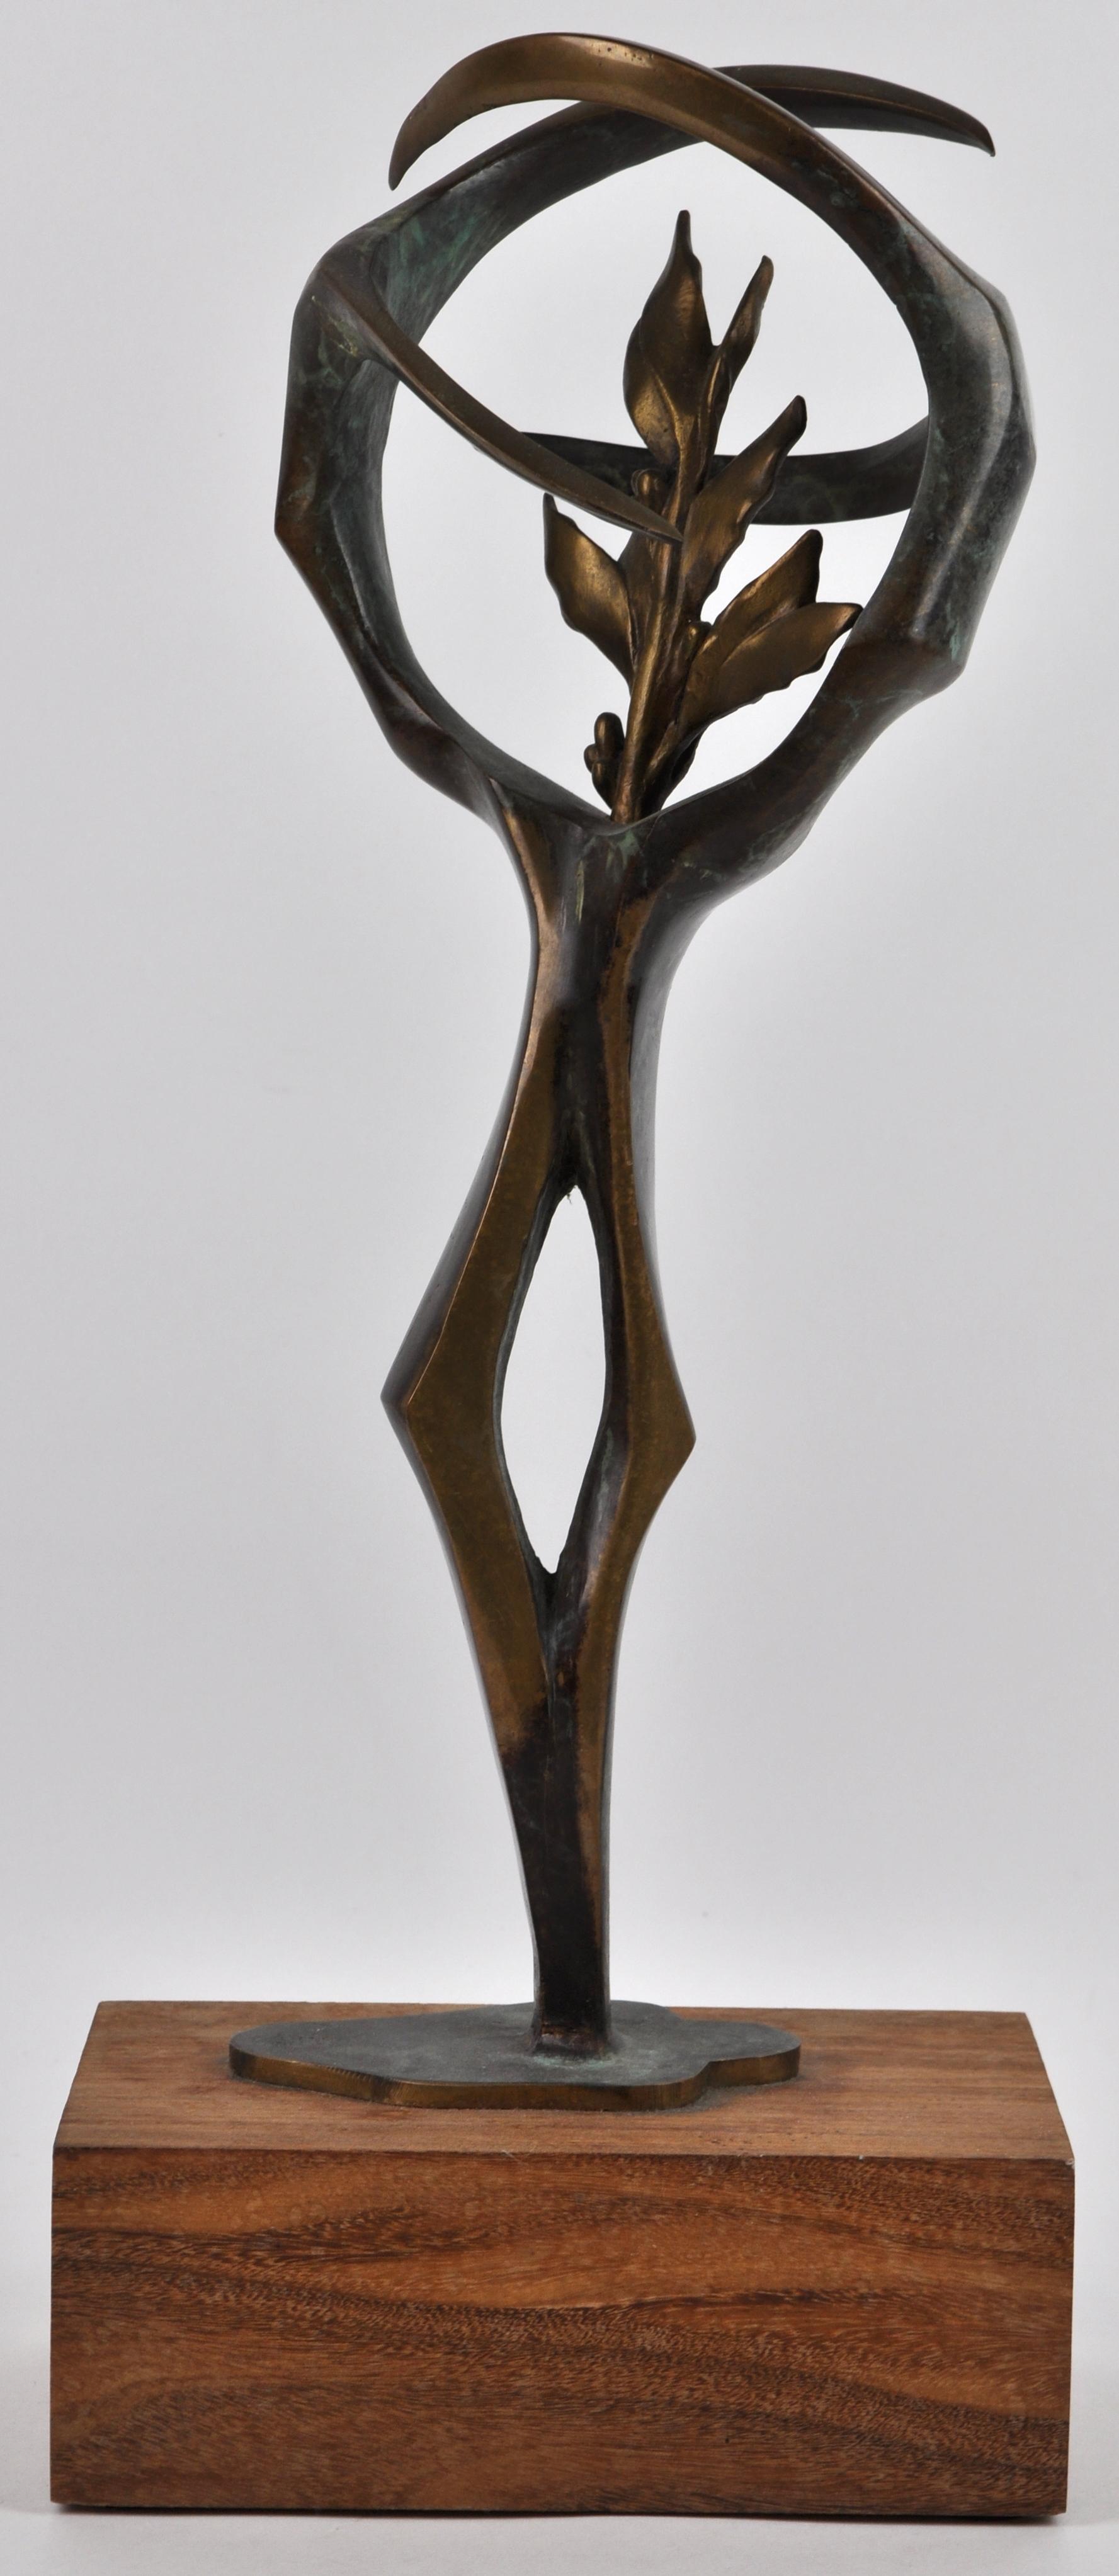 Een modern sculptuur van brons met een een lauriertak op houten sokkel jordaens n v veilinghuis - Terracotta sokkel ...